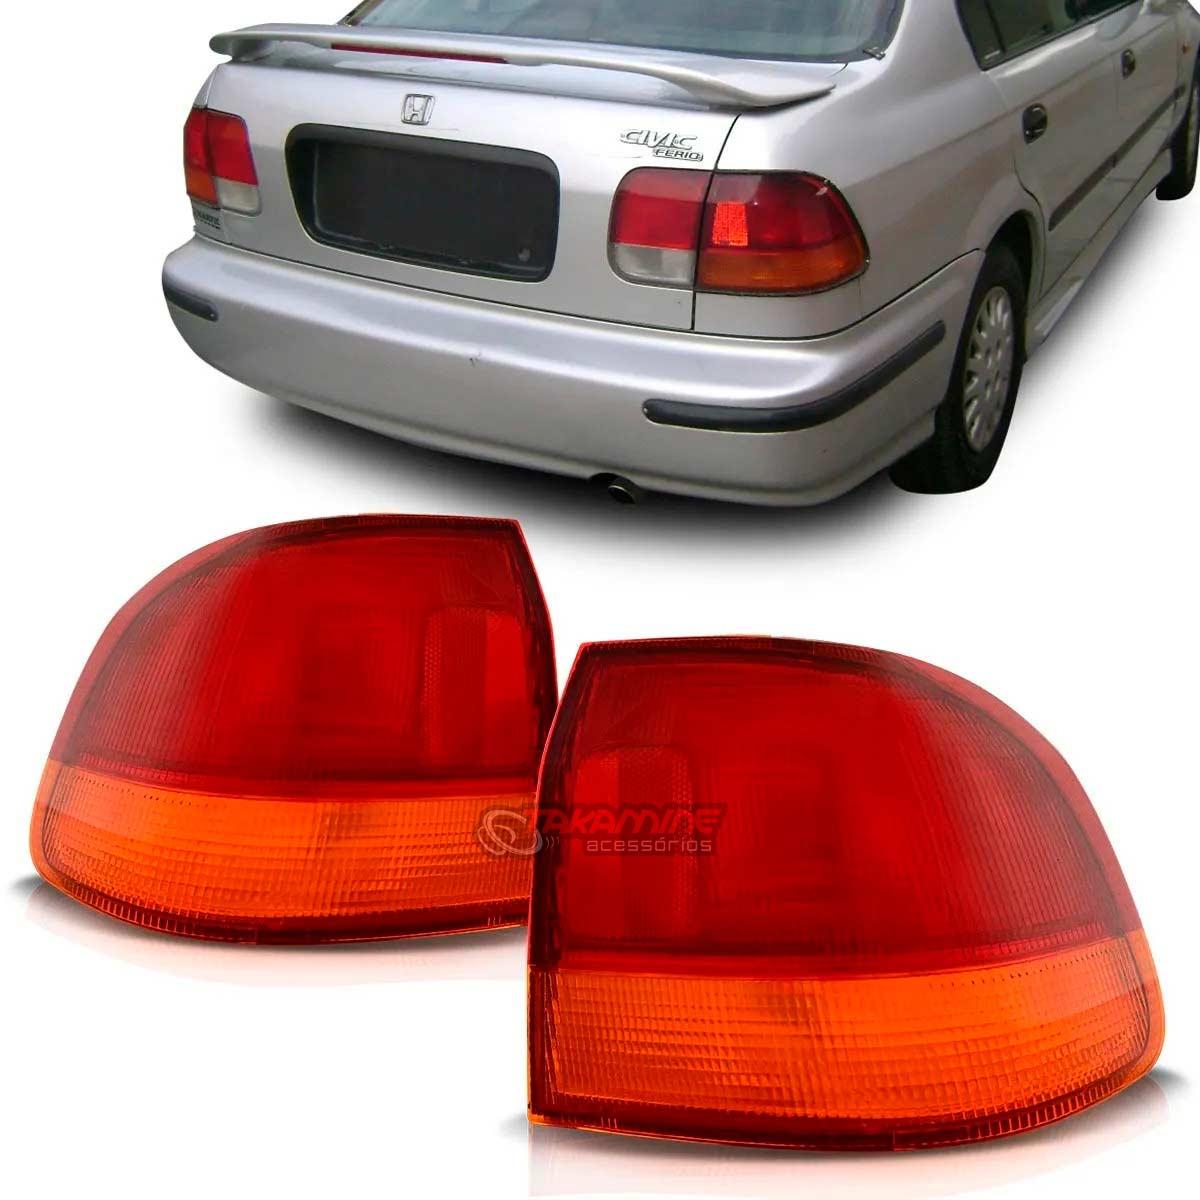 Lanterna traseira Civic 1996 1997 1998 bicolor (PAR)